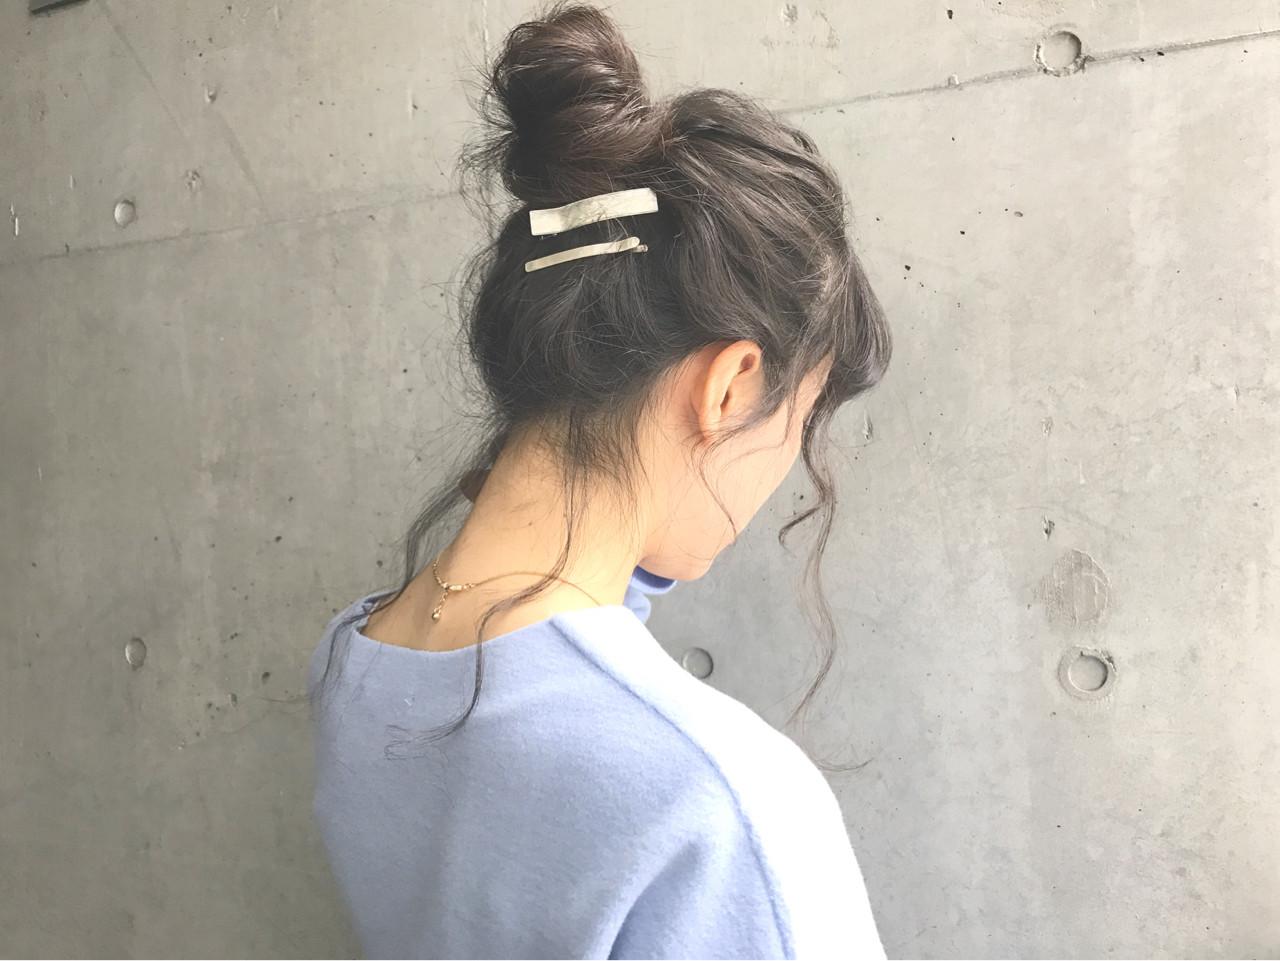 ヘアアレンジ ロング ナチュラル お団子 ヘアスタイルや髪型の写真・画像